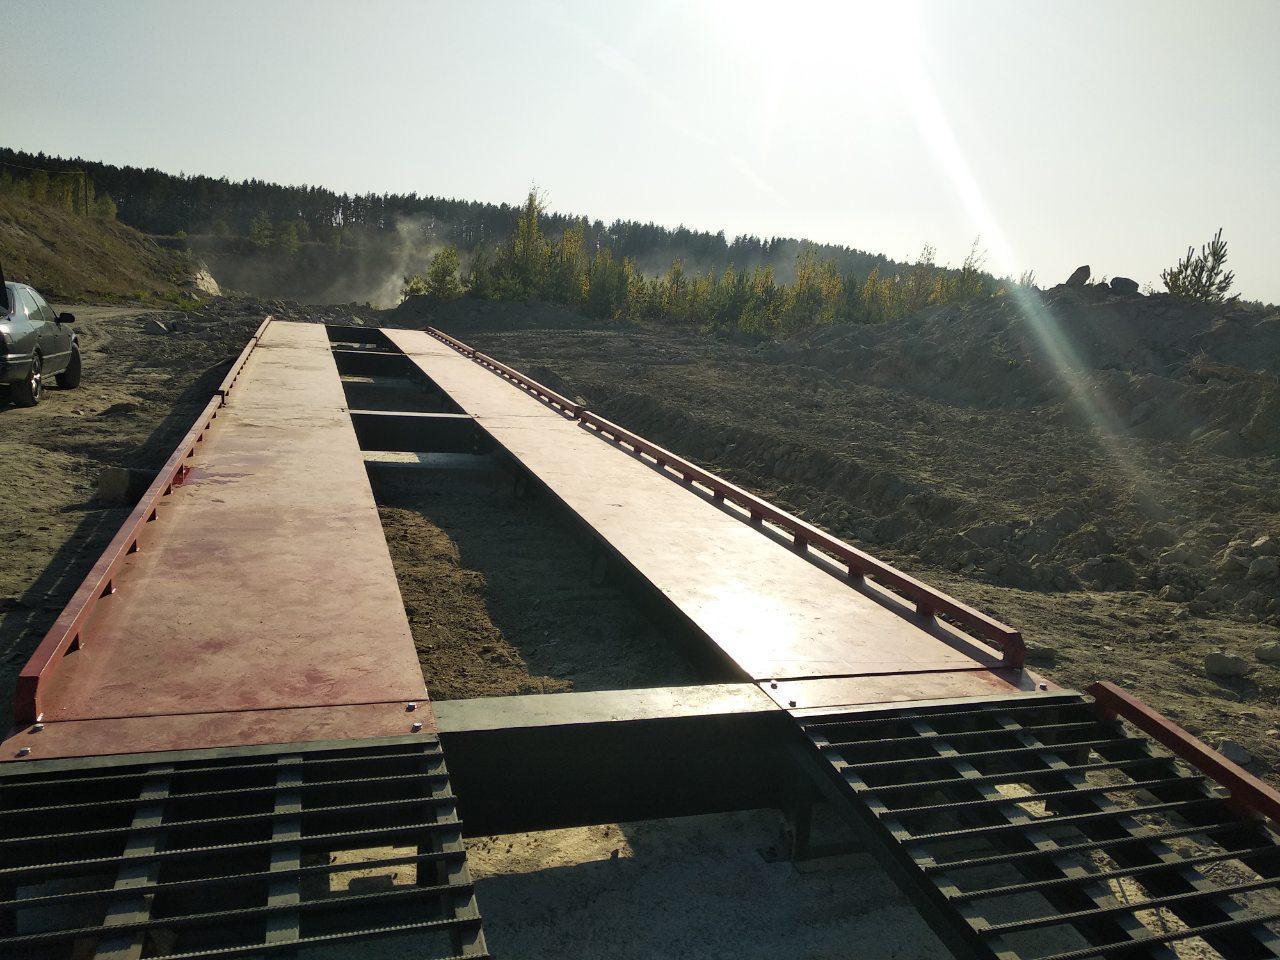 Ваги автомобільні 18 метрів 60 тонн, СВМ-А18-С60